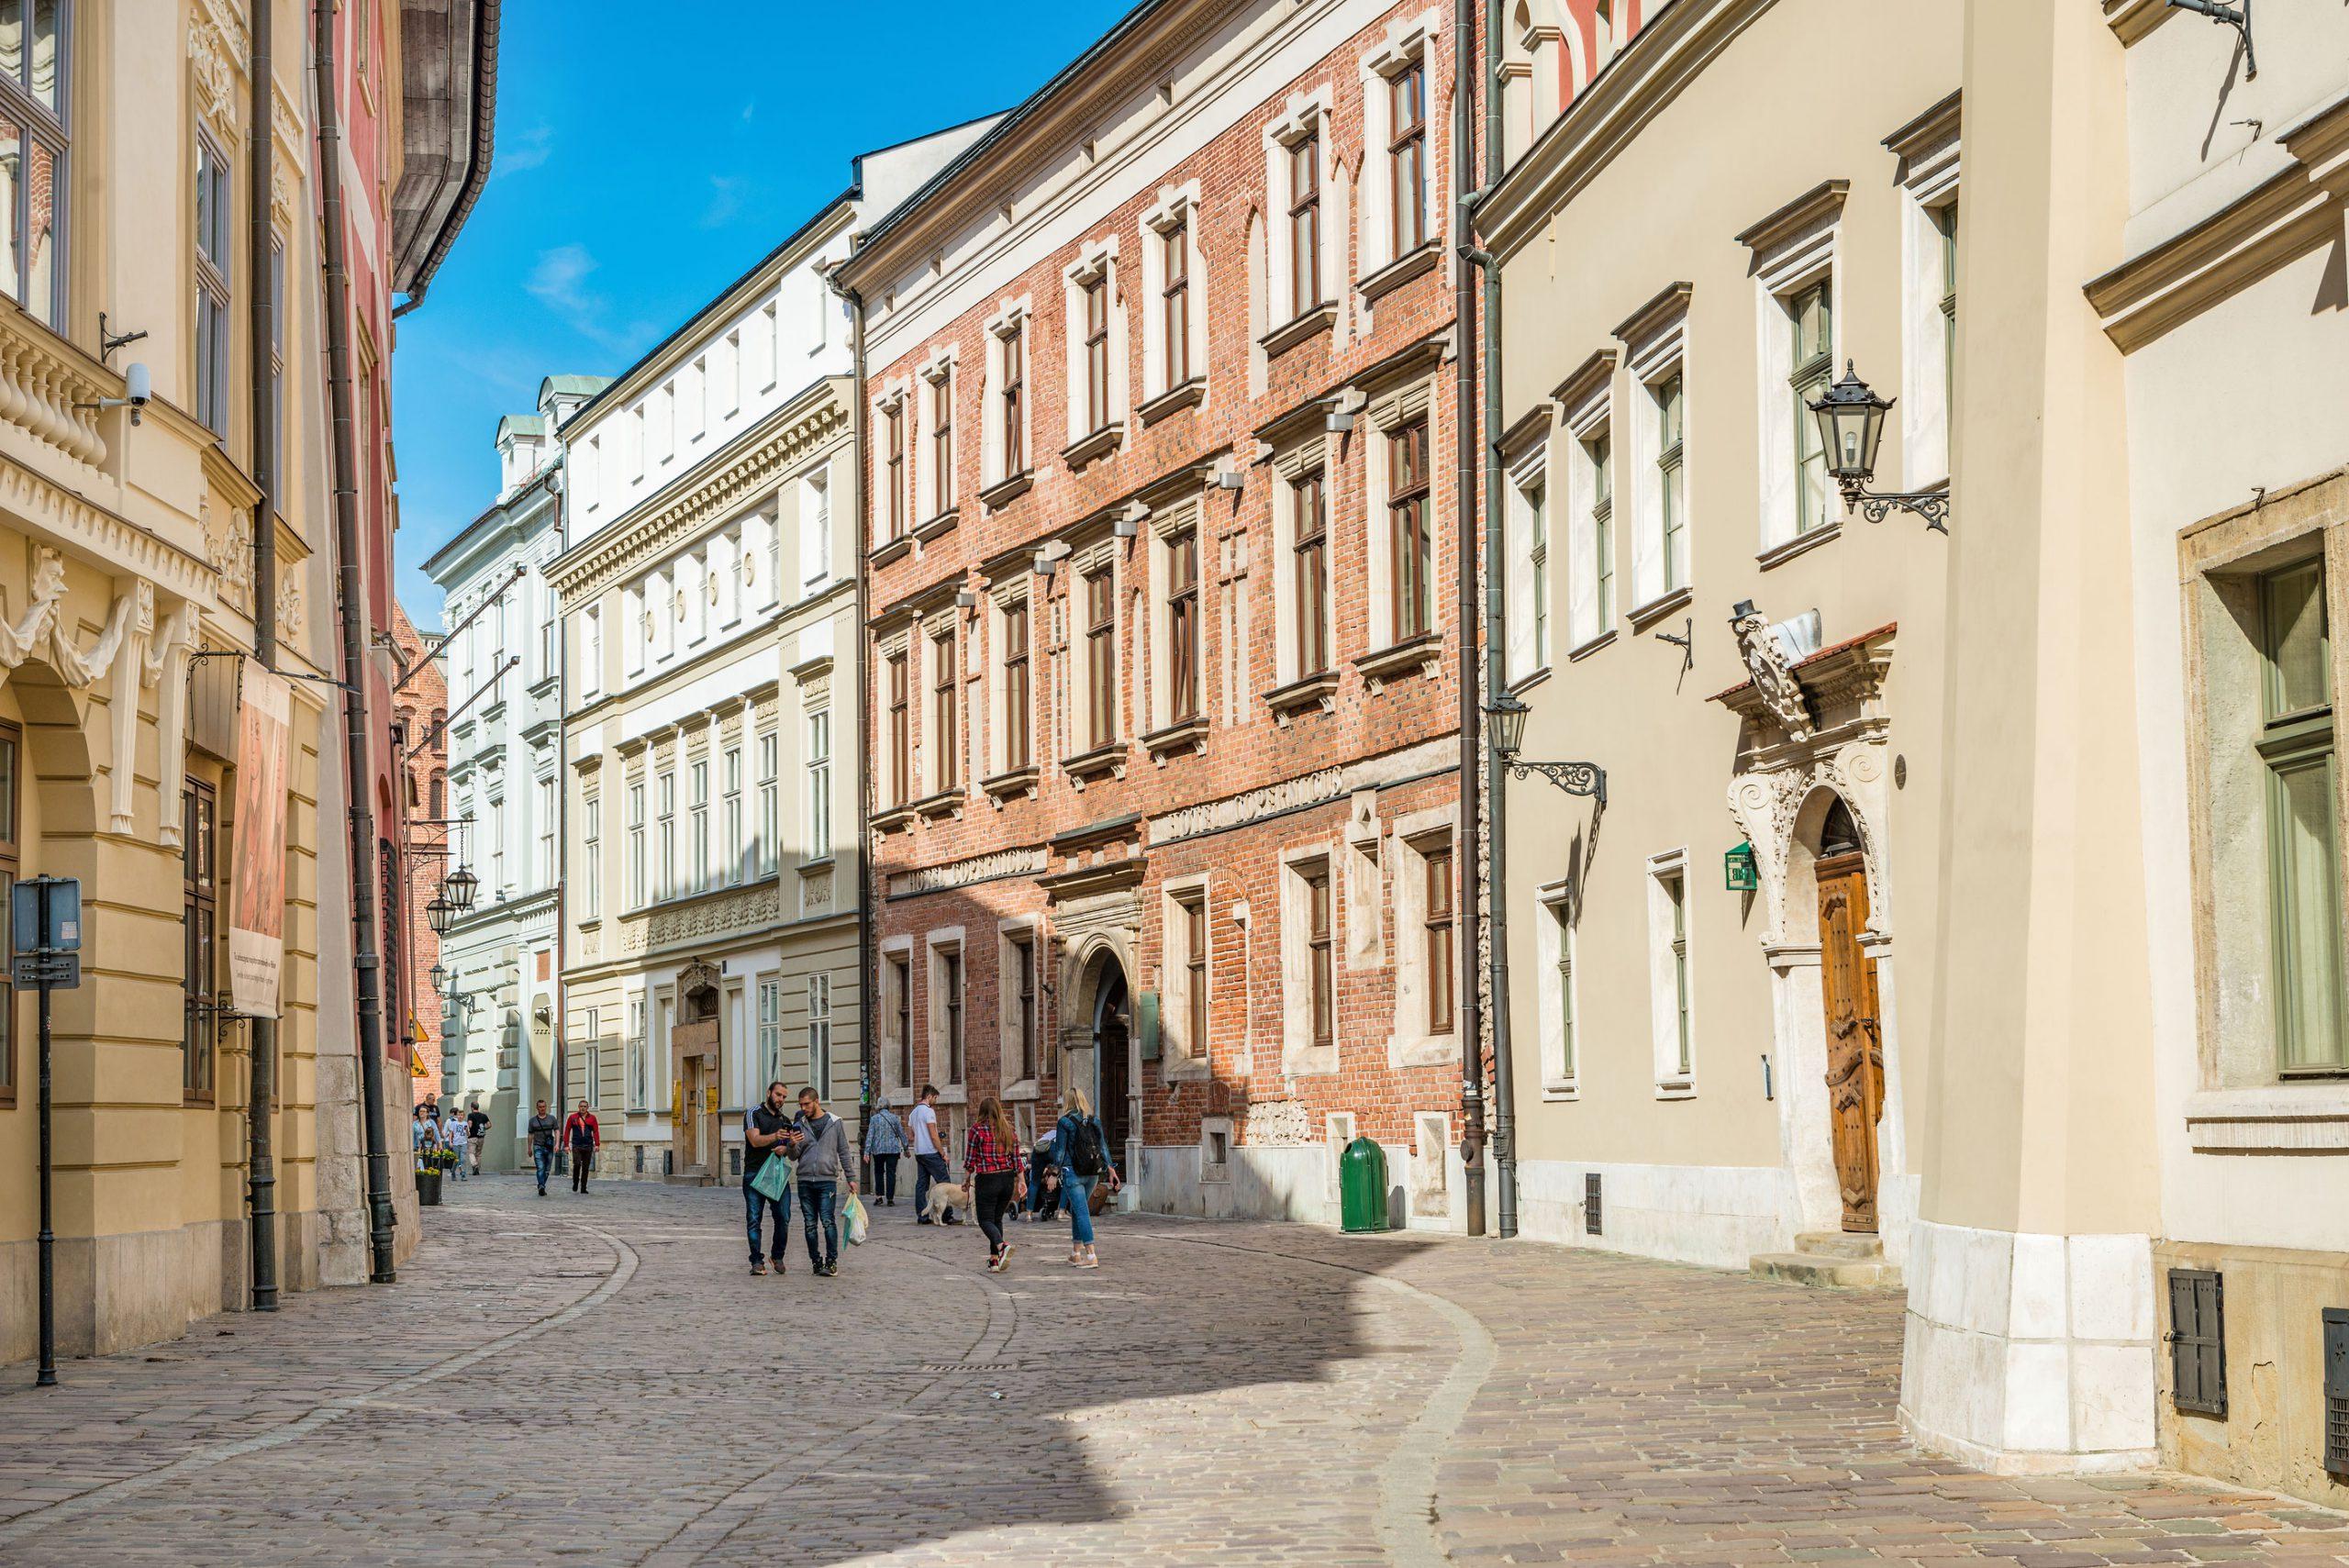 Krakow gamlebyen gater